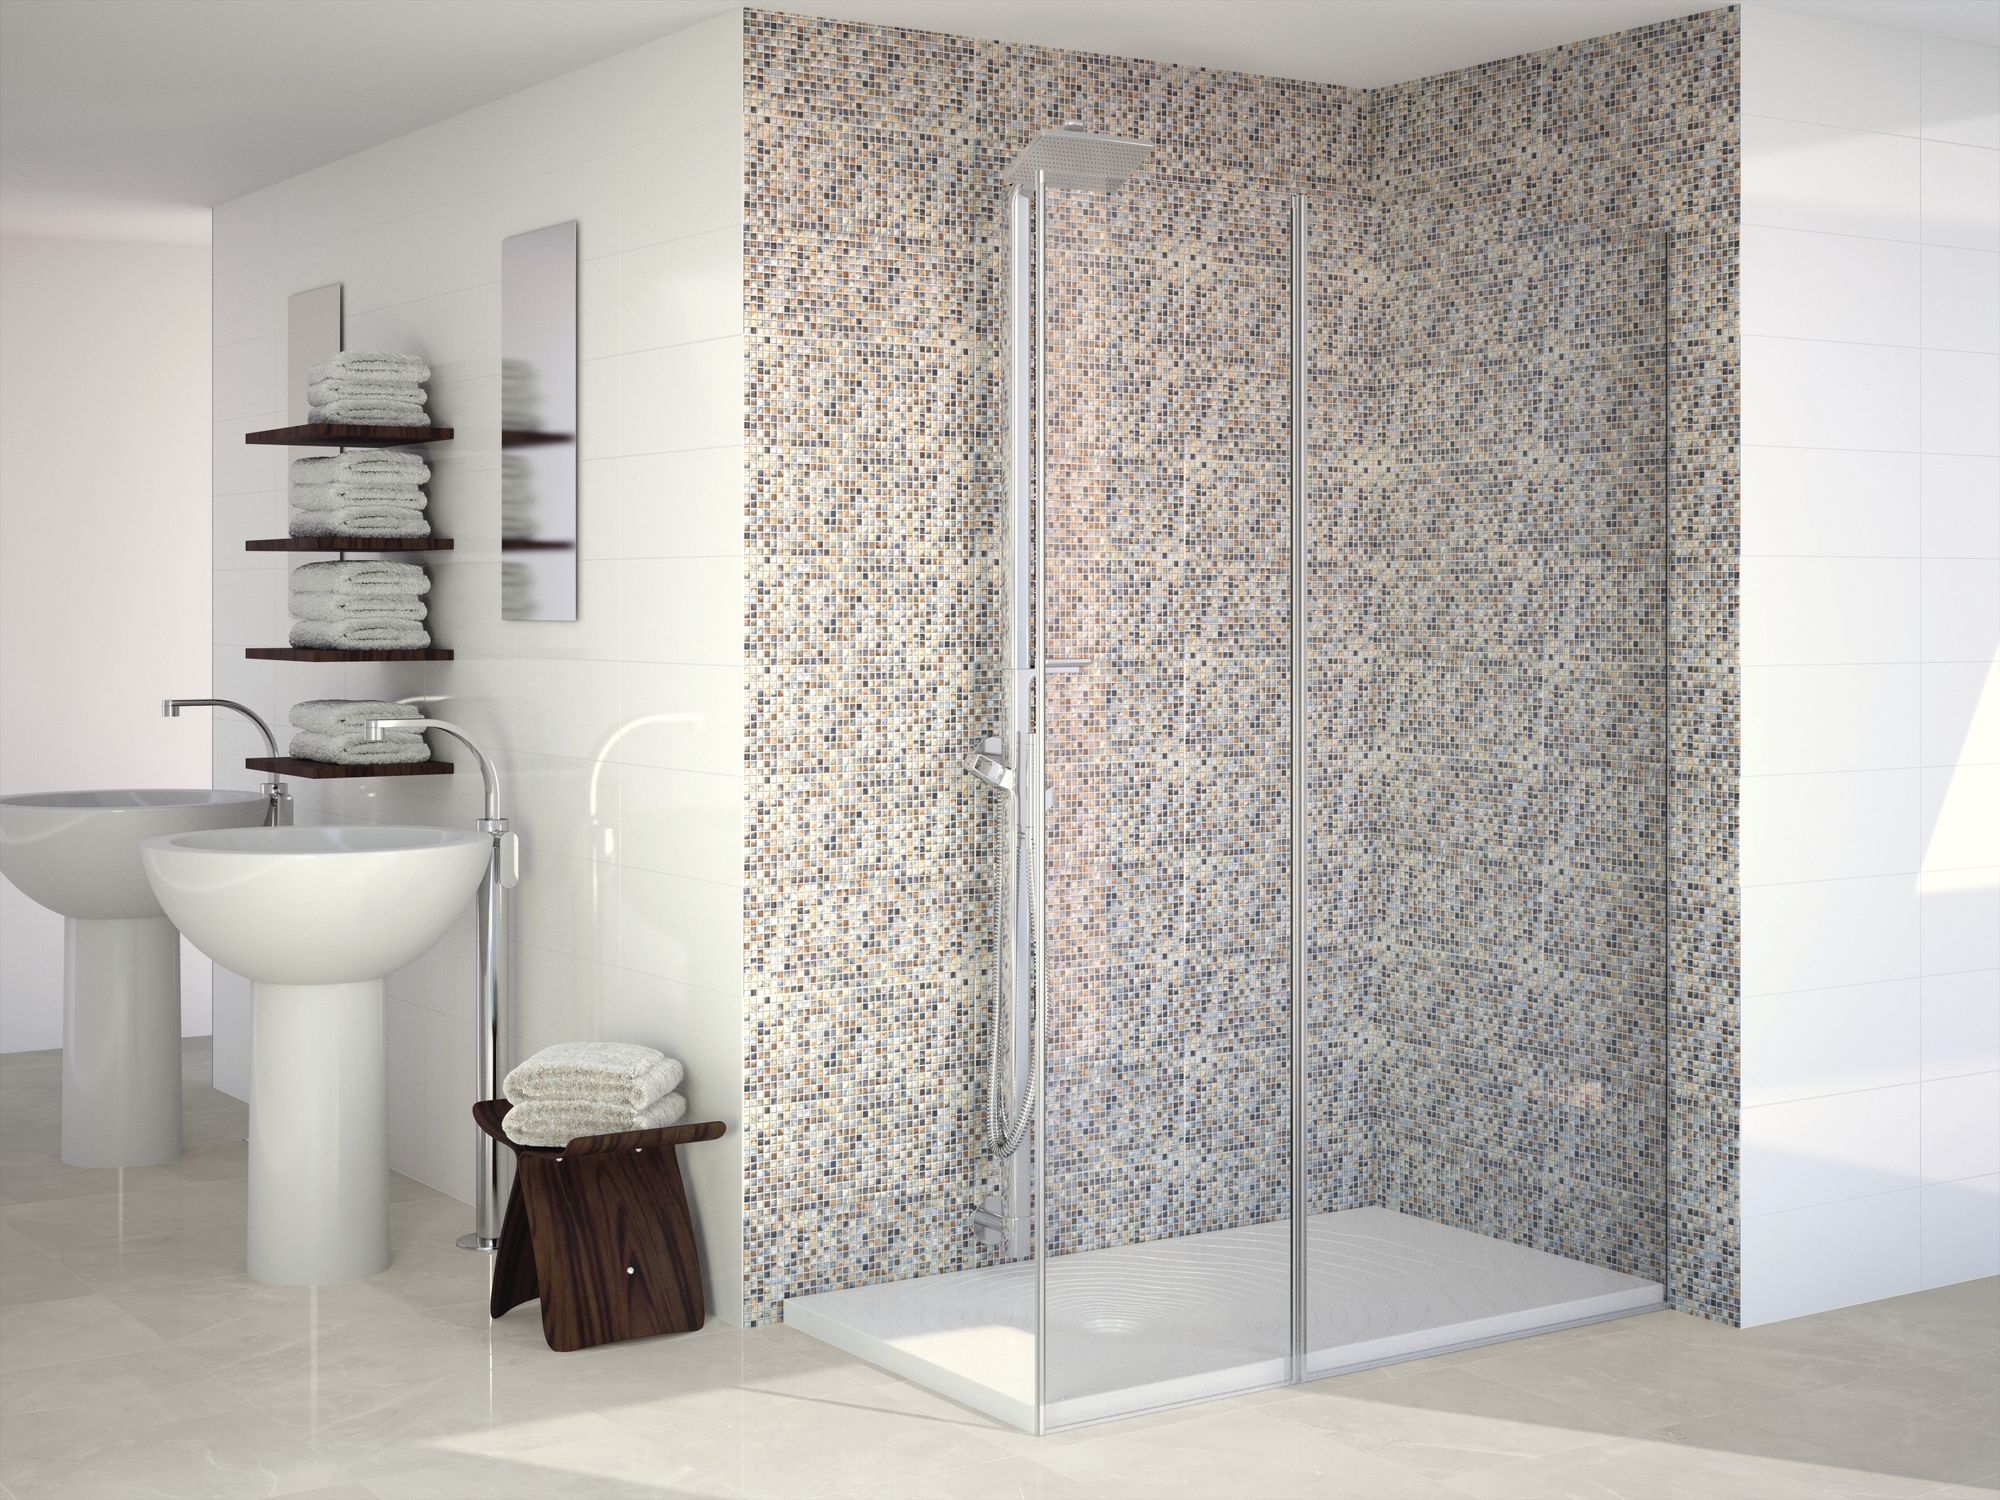 Blanco Brillo 20 x 50 cm. Decor Micro Kyoto 20 x 50 cm. Pavimento Anubis Silver 44,7 x 44,7 cm.